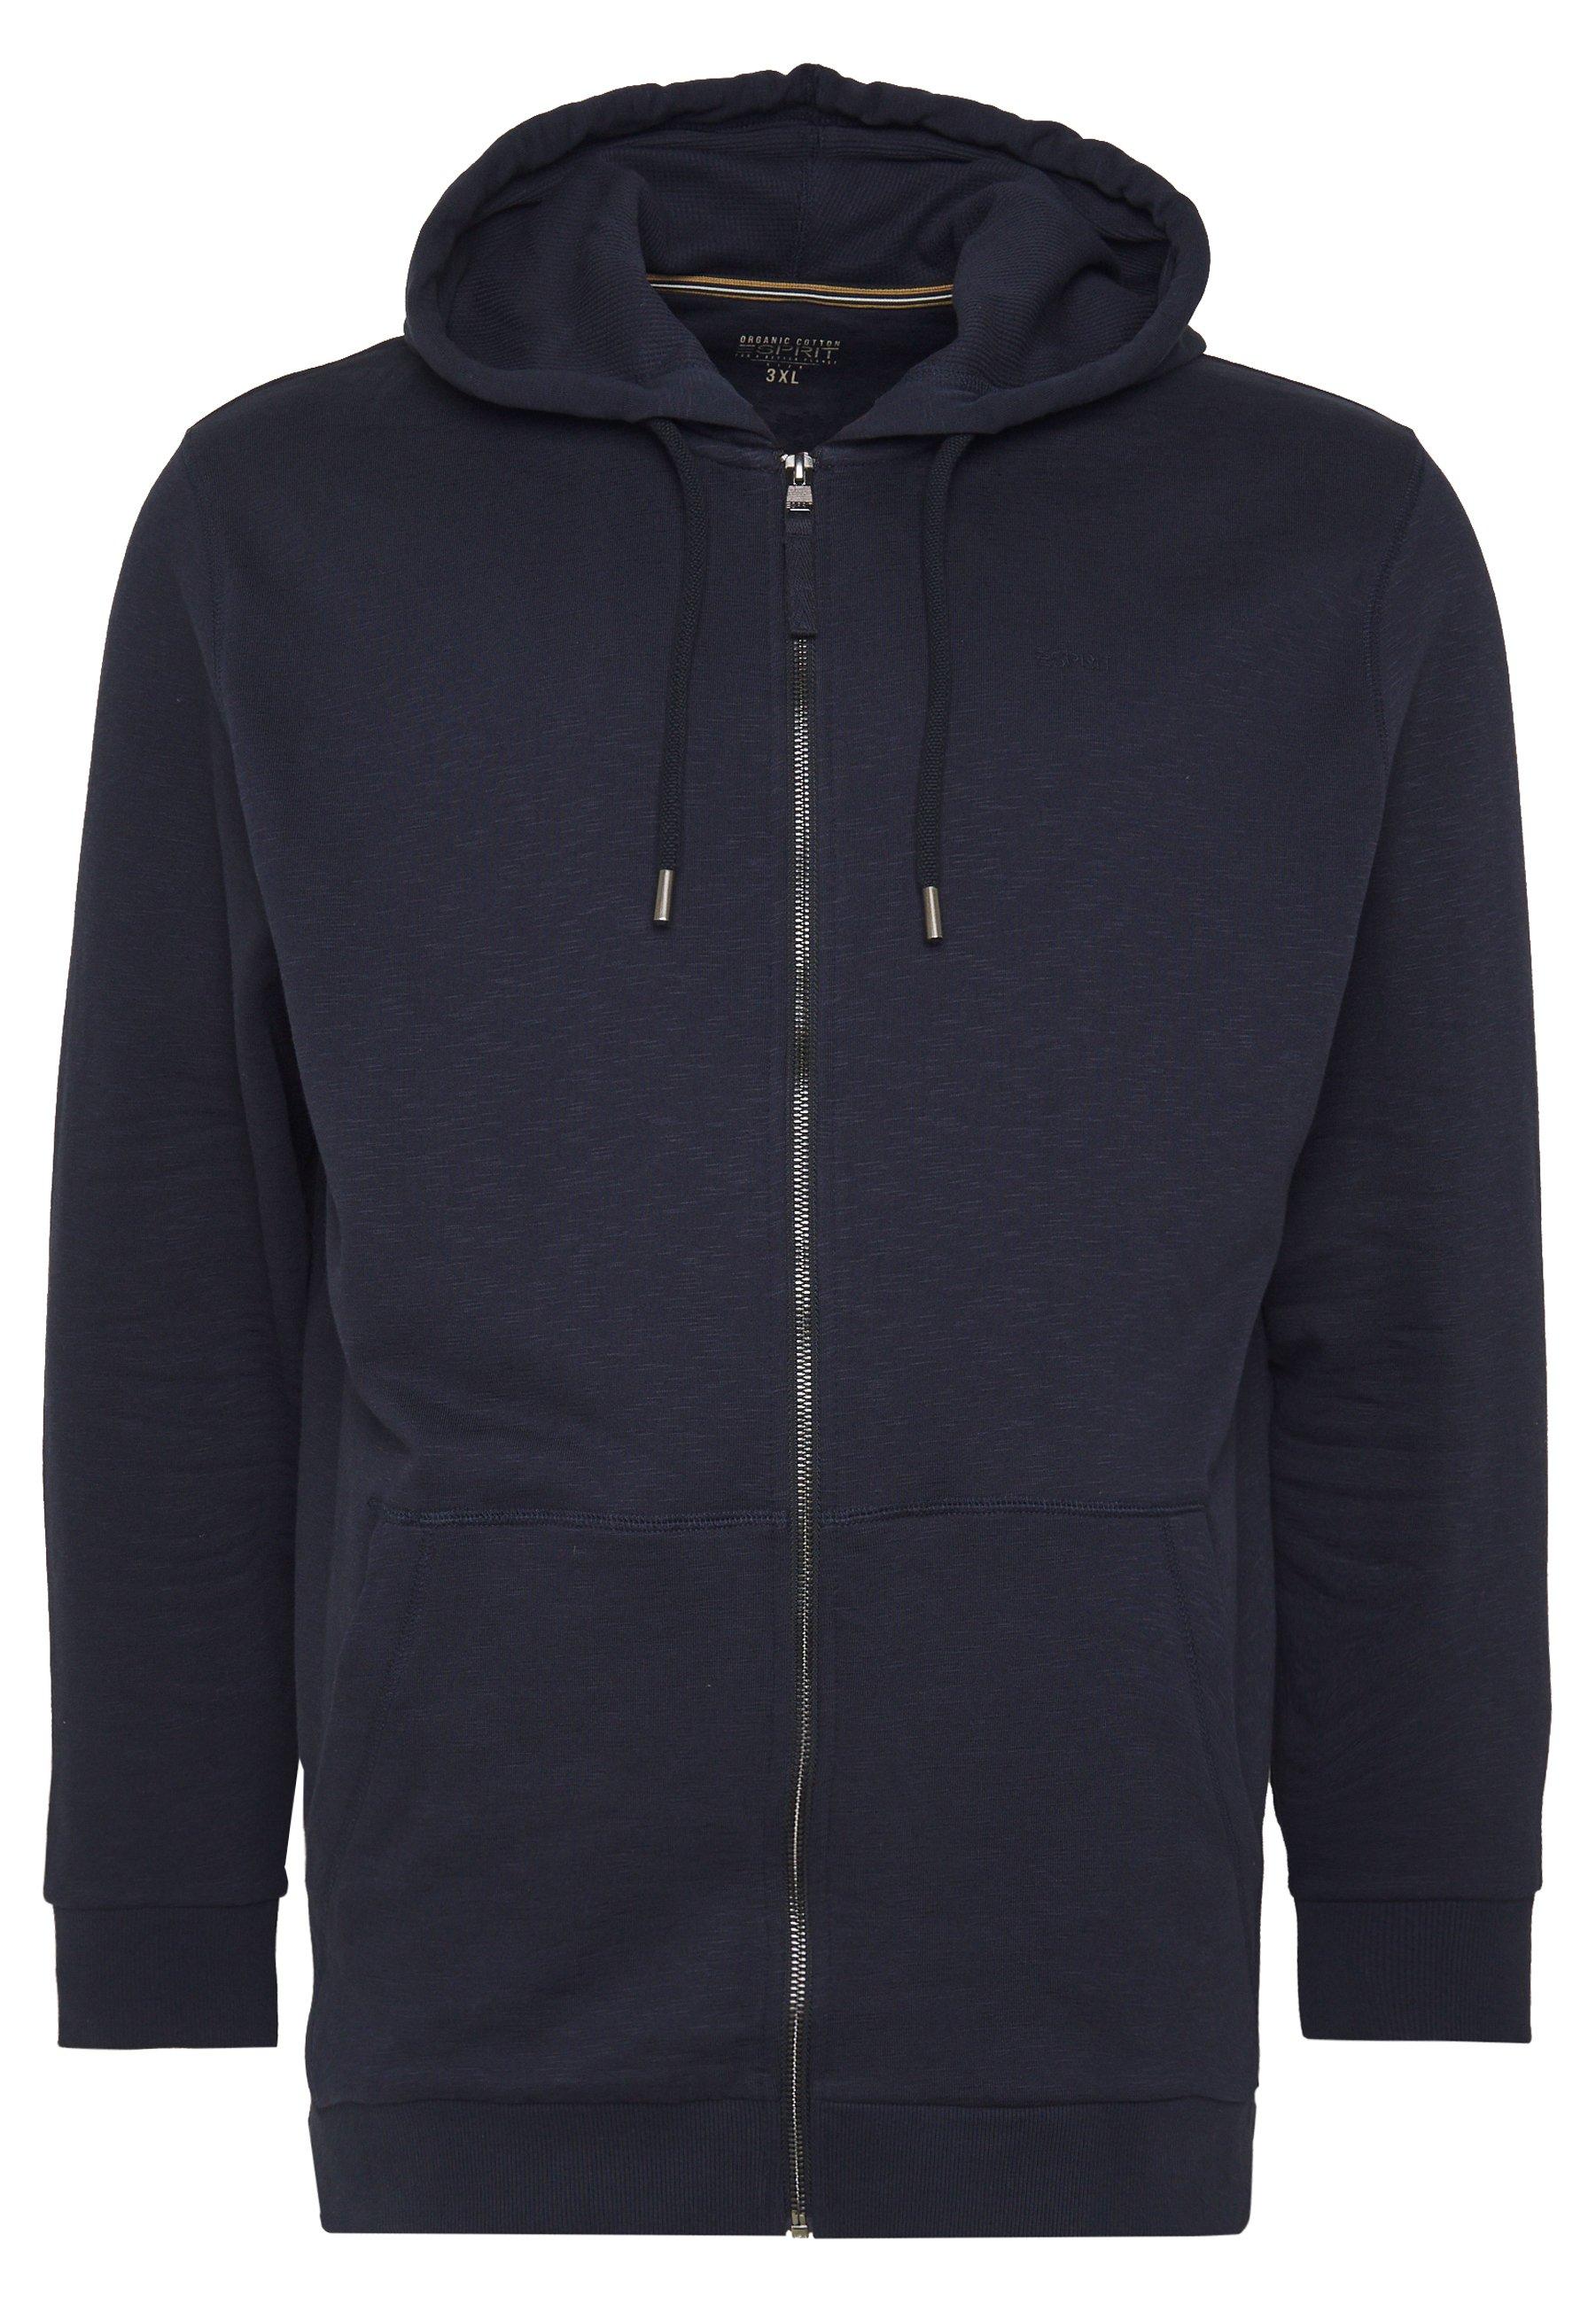 Esprit veste en sweat zippée - navy